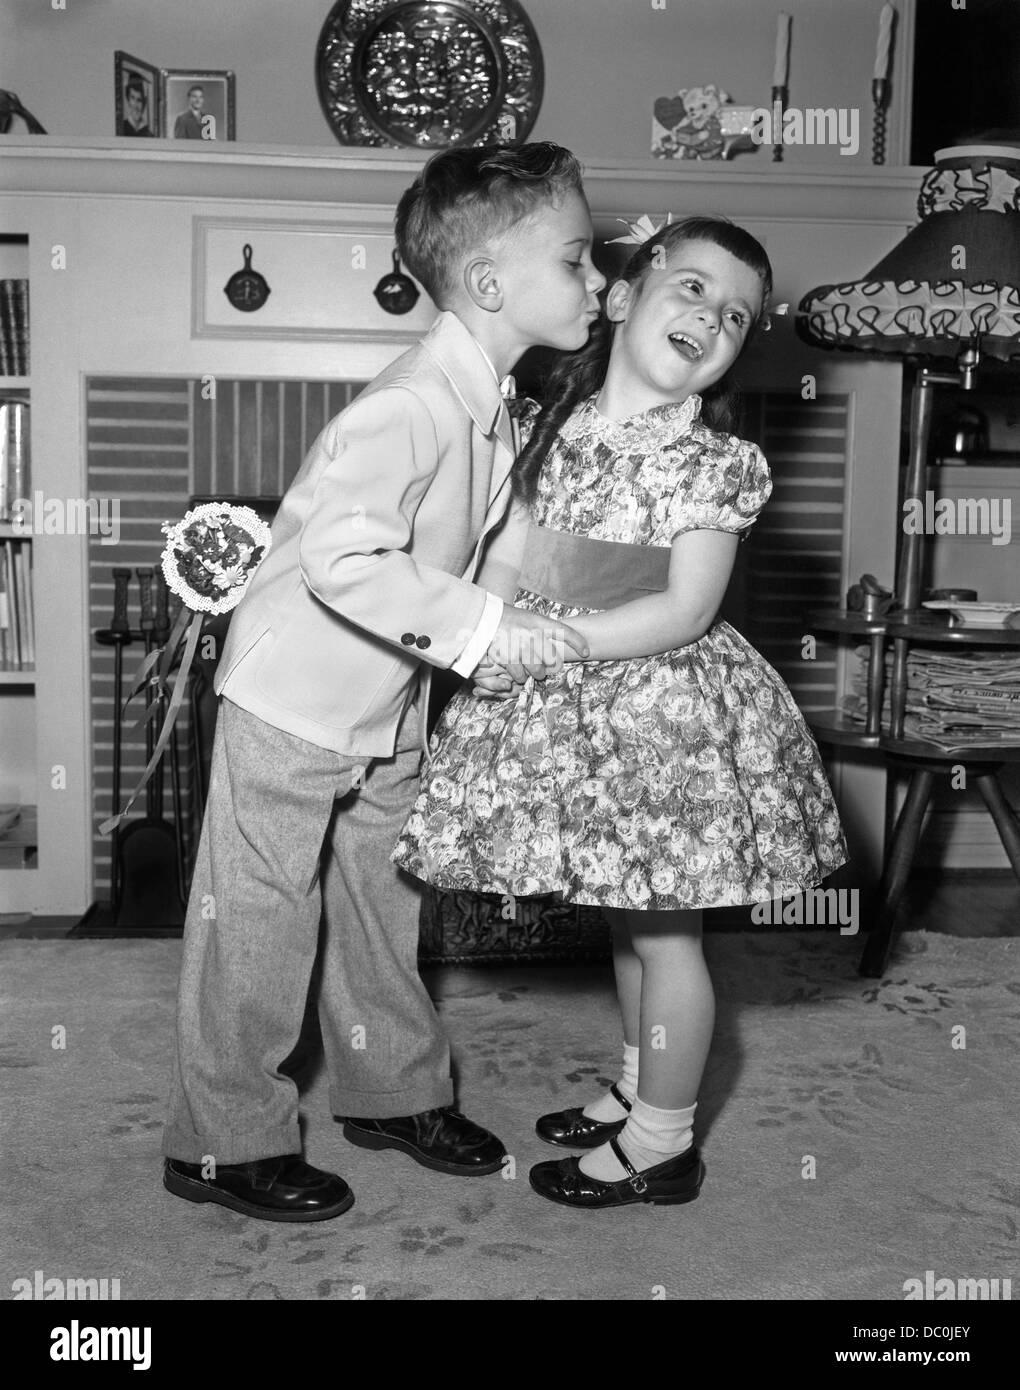 j1950s kleine Junge IN Anzug und Krawatte versuchen zu küssen kleine Mädchen IN PARTY-Kleid Stockbild